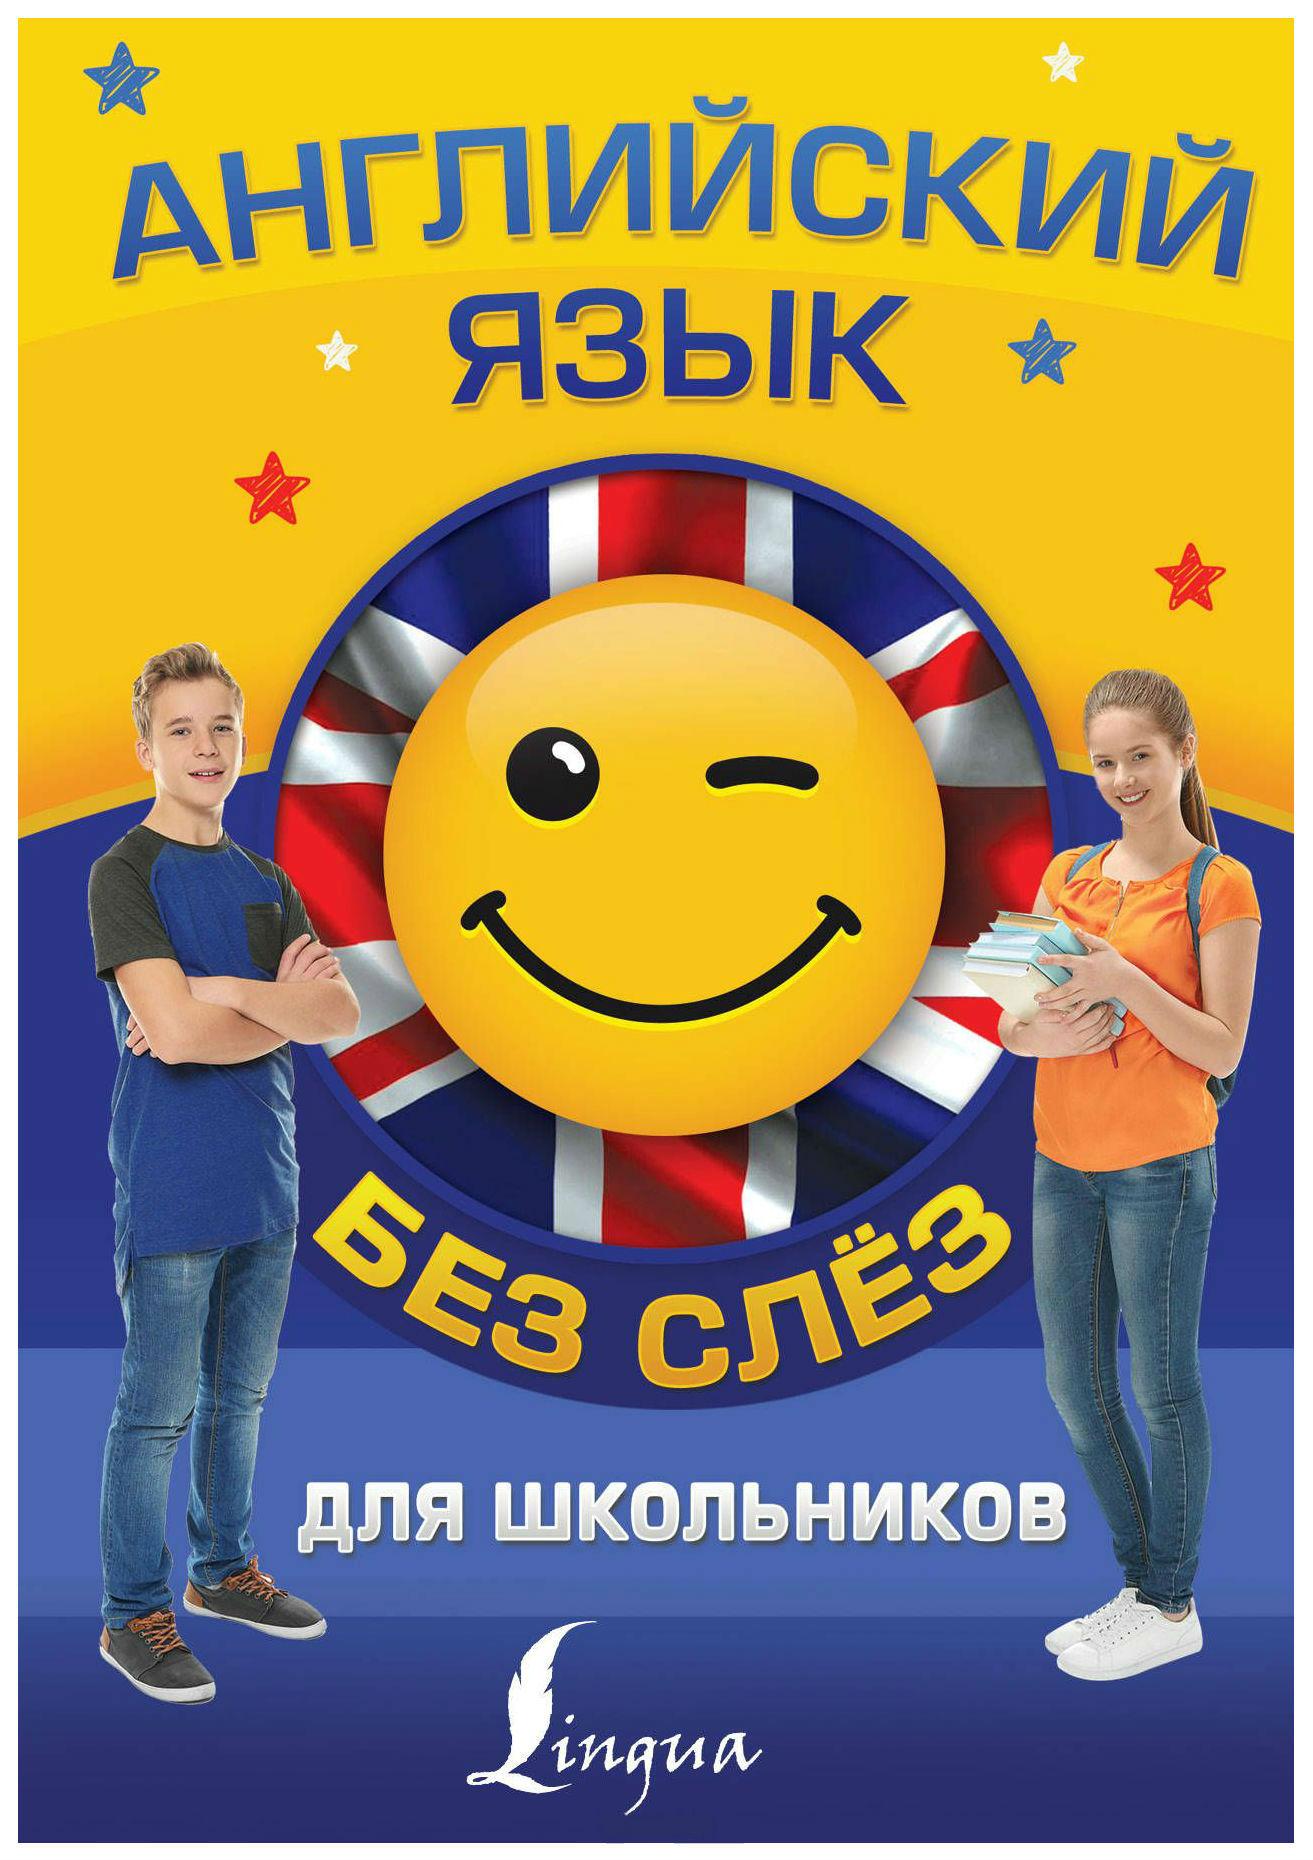 Книга Аст Зайцева к. А., Державина В. А. Английский Язык для Школьников Без Слёз